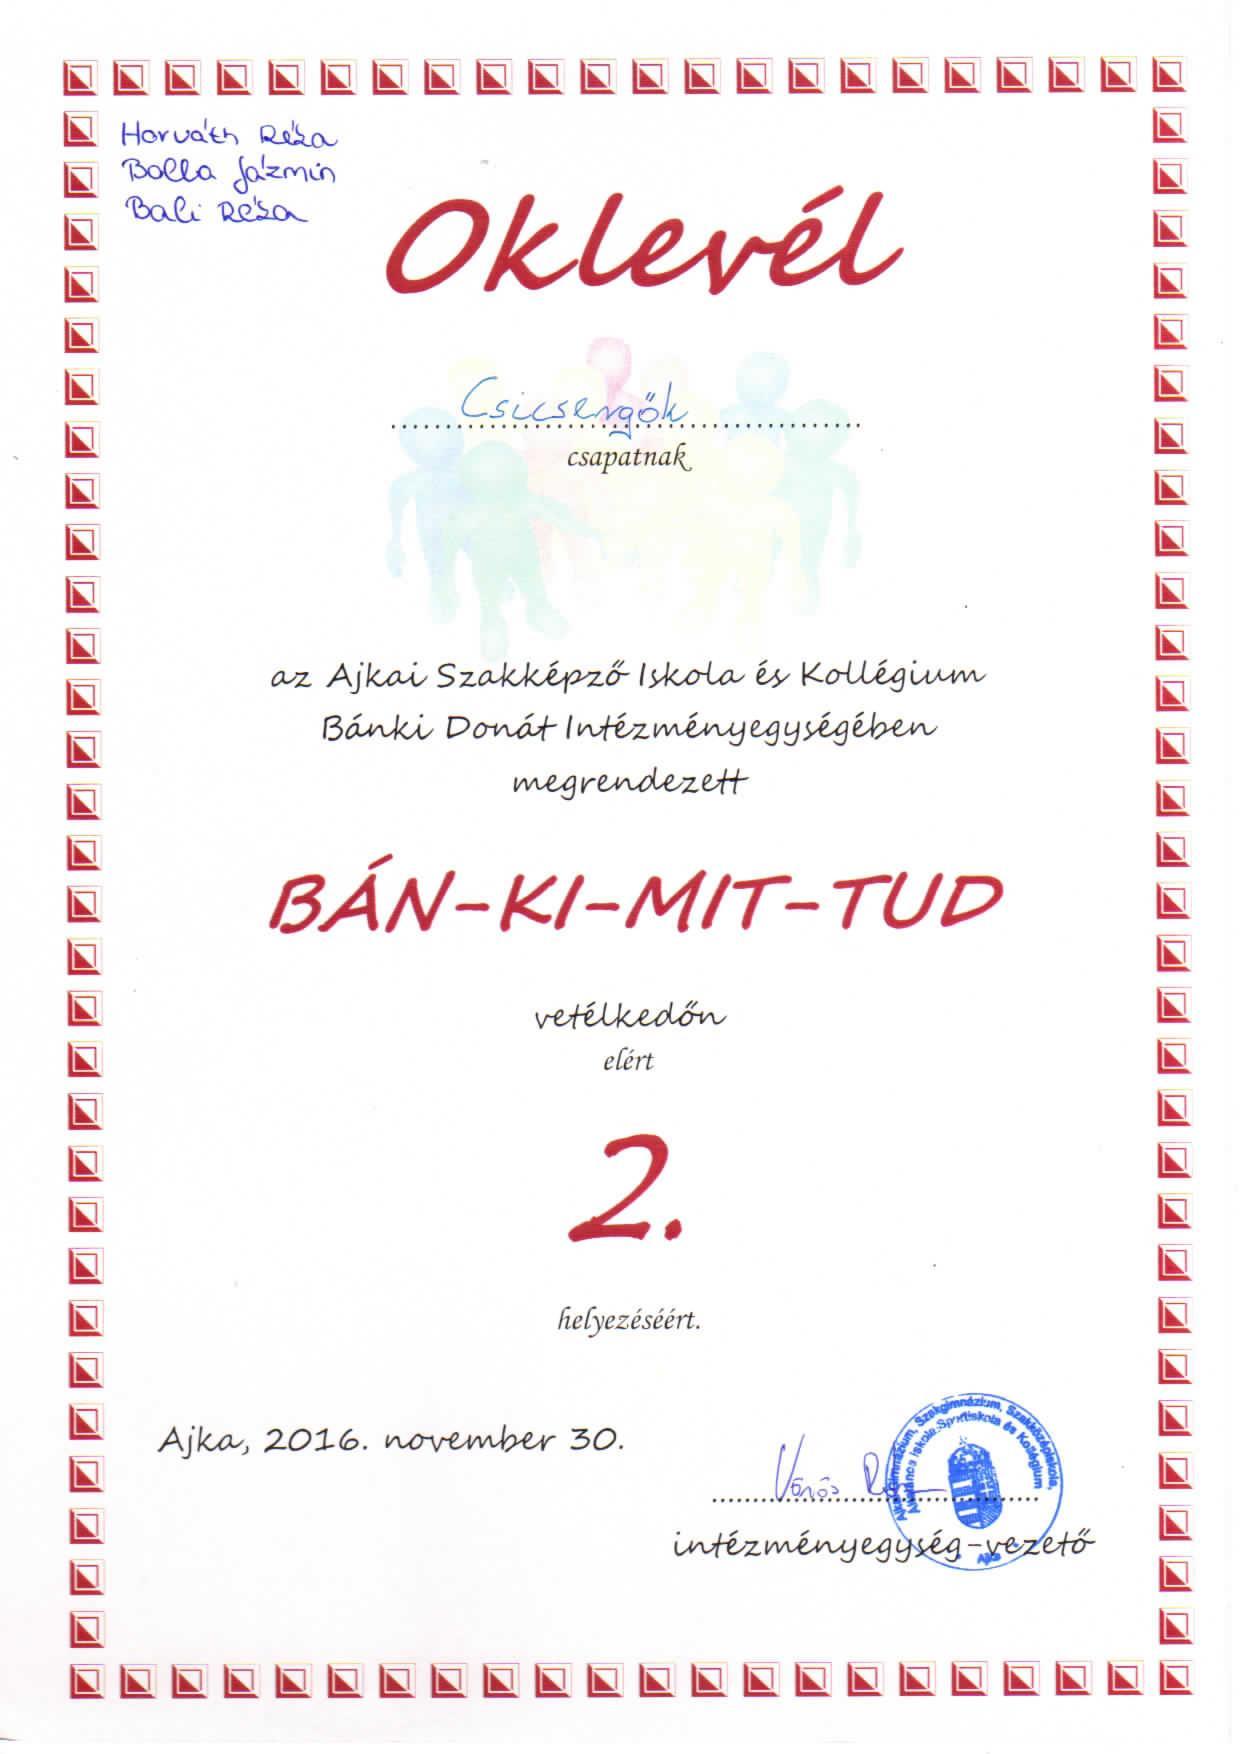 ban-ki-mit-tud-page-001